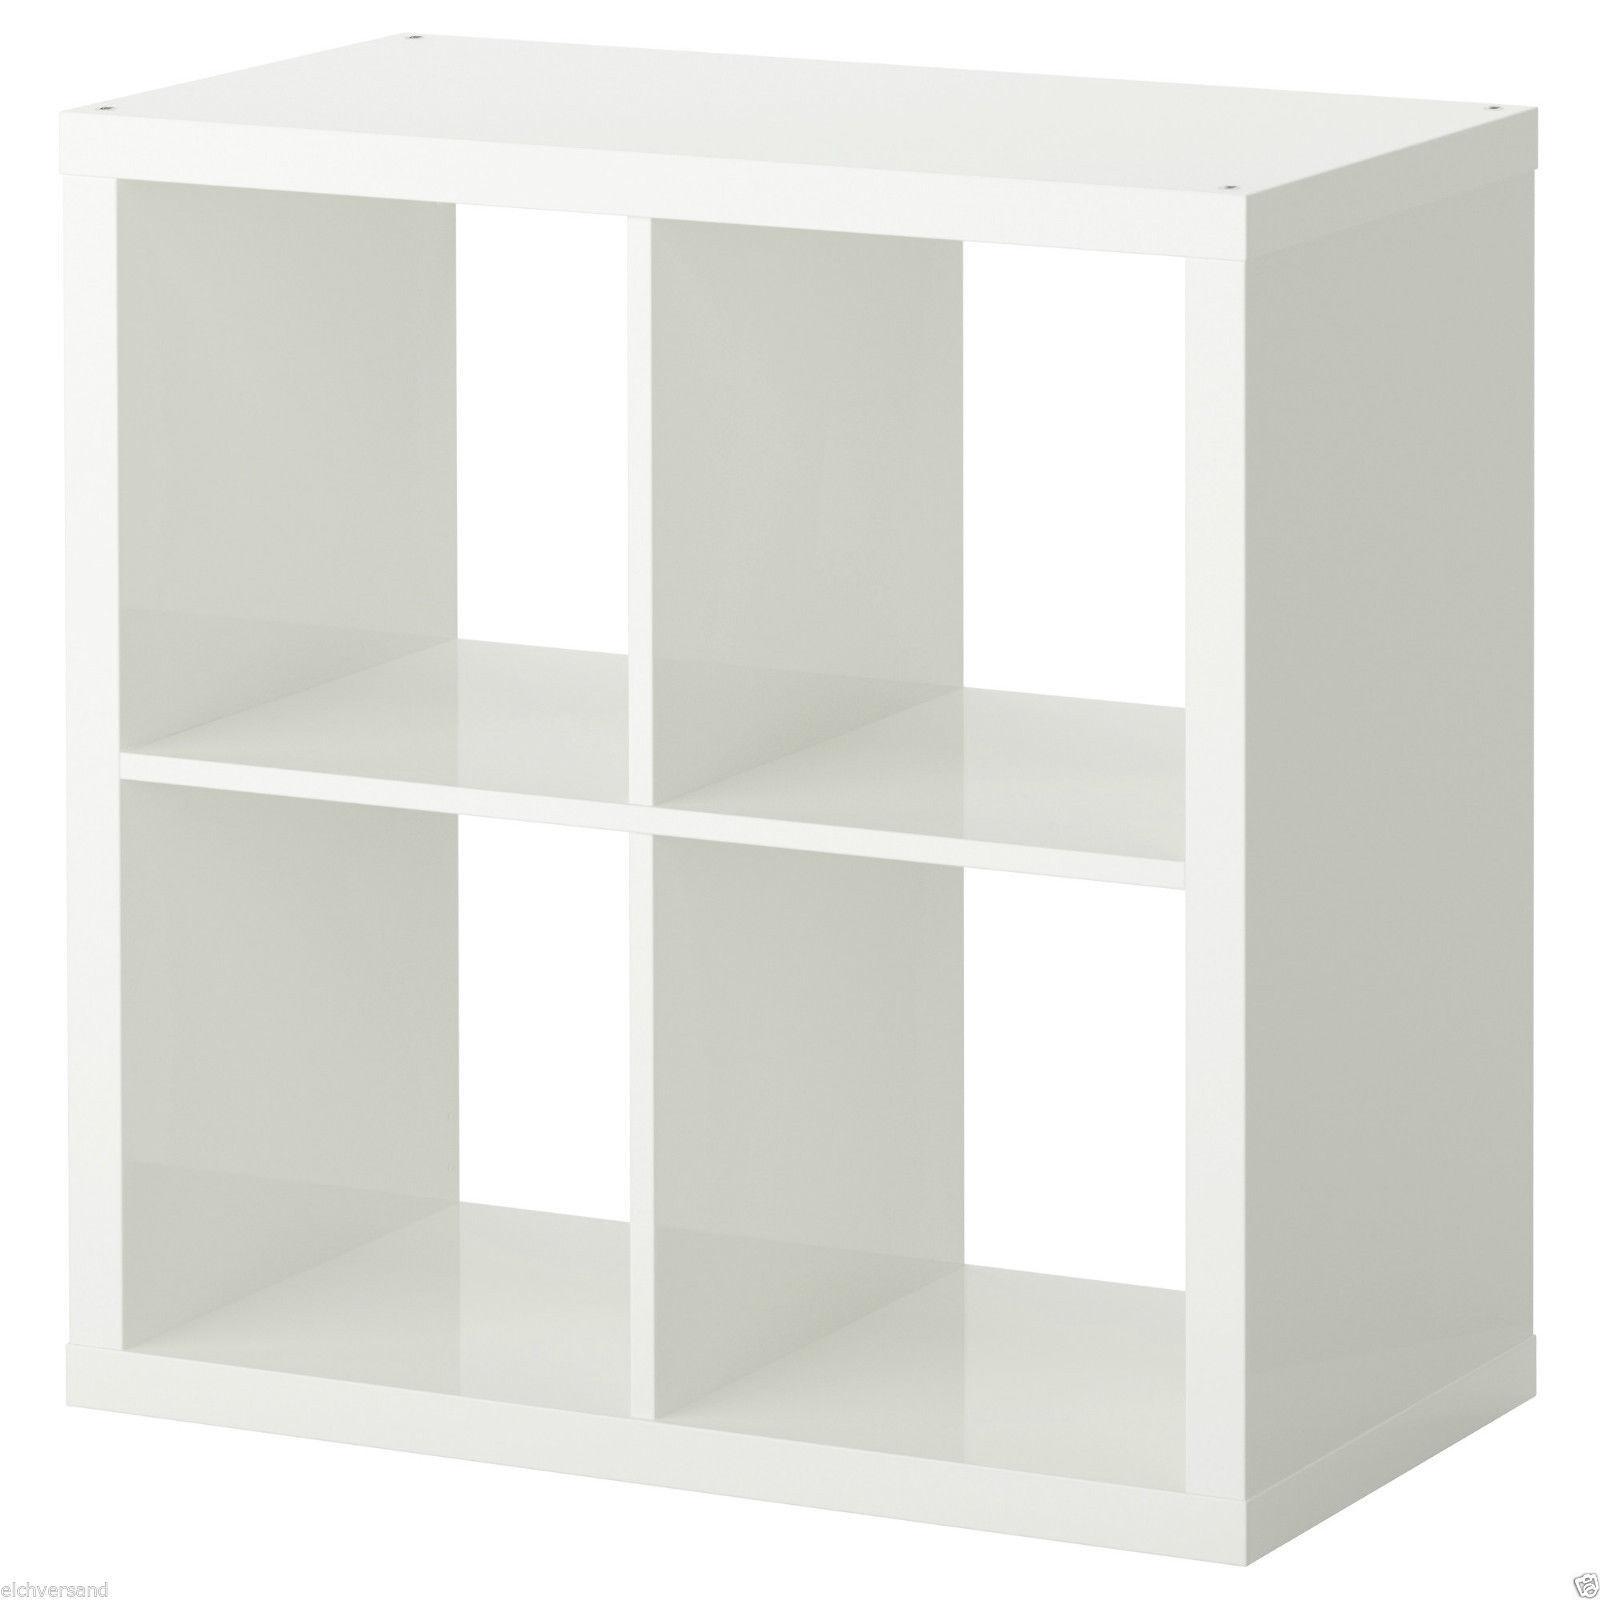 IKEA KALLAX Regal HOCHGLANZ Rot Weiss 4 Fach Tür Schublade